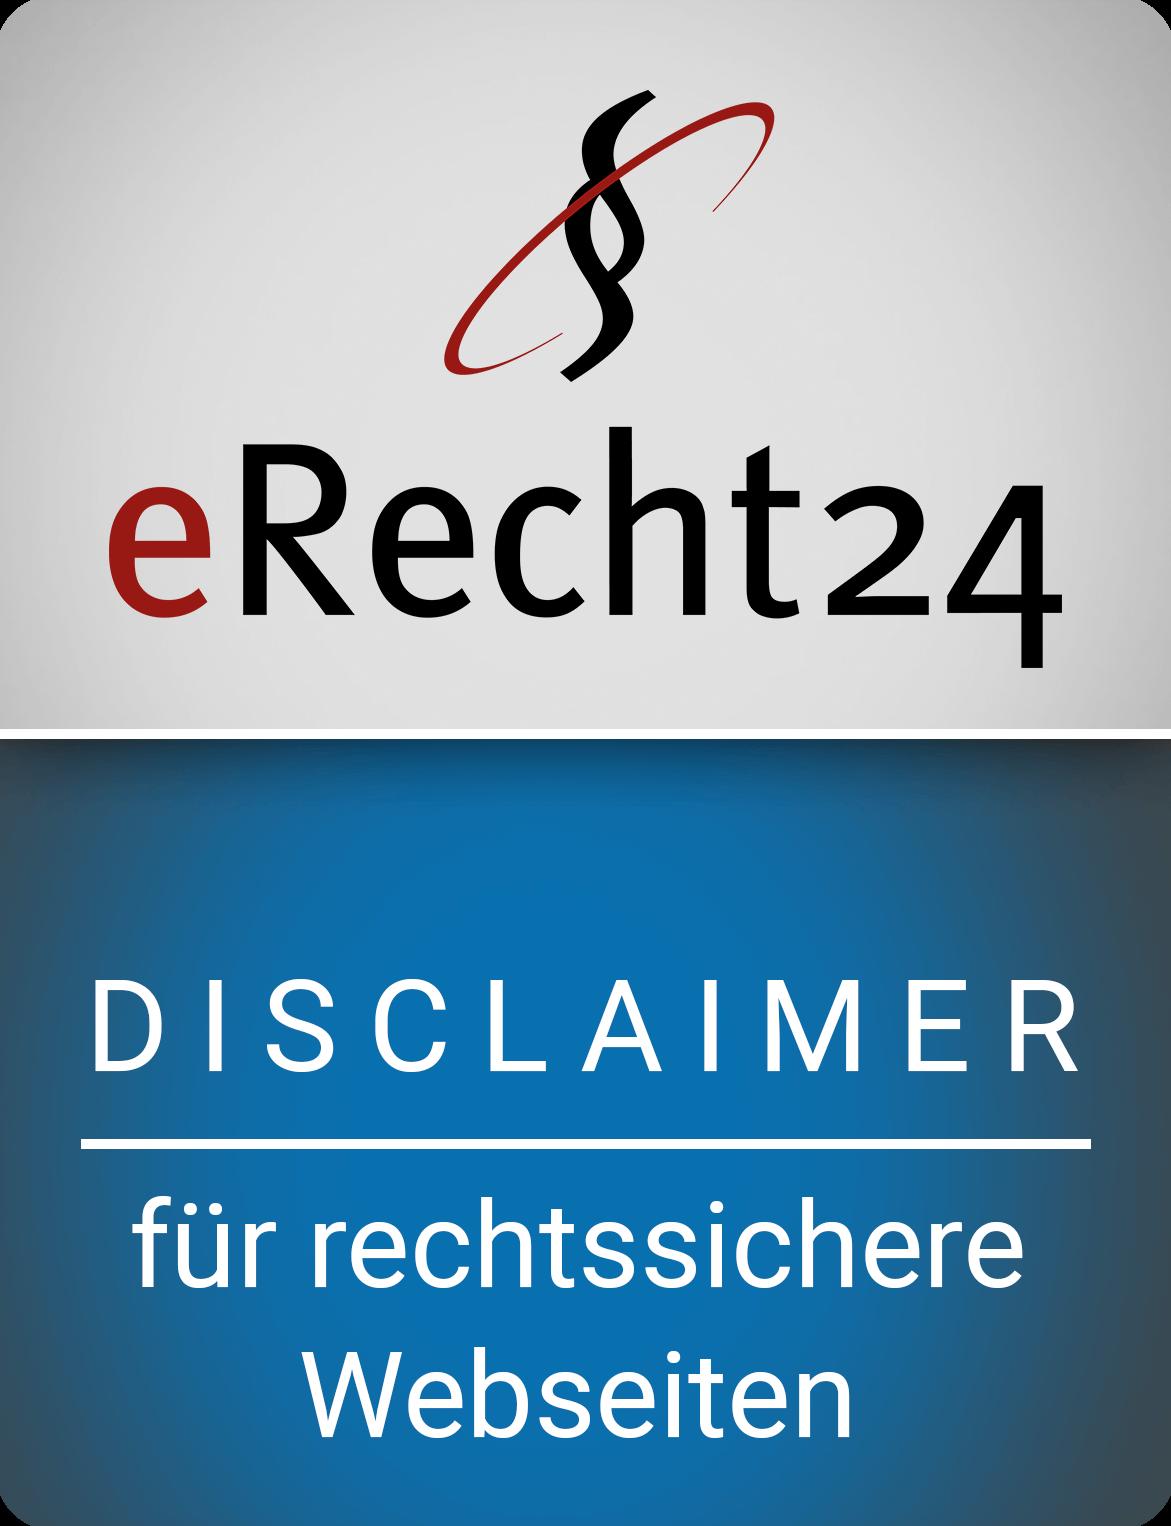 erecht24-siegel-disclaimer-blau-gross